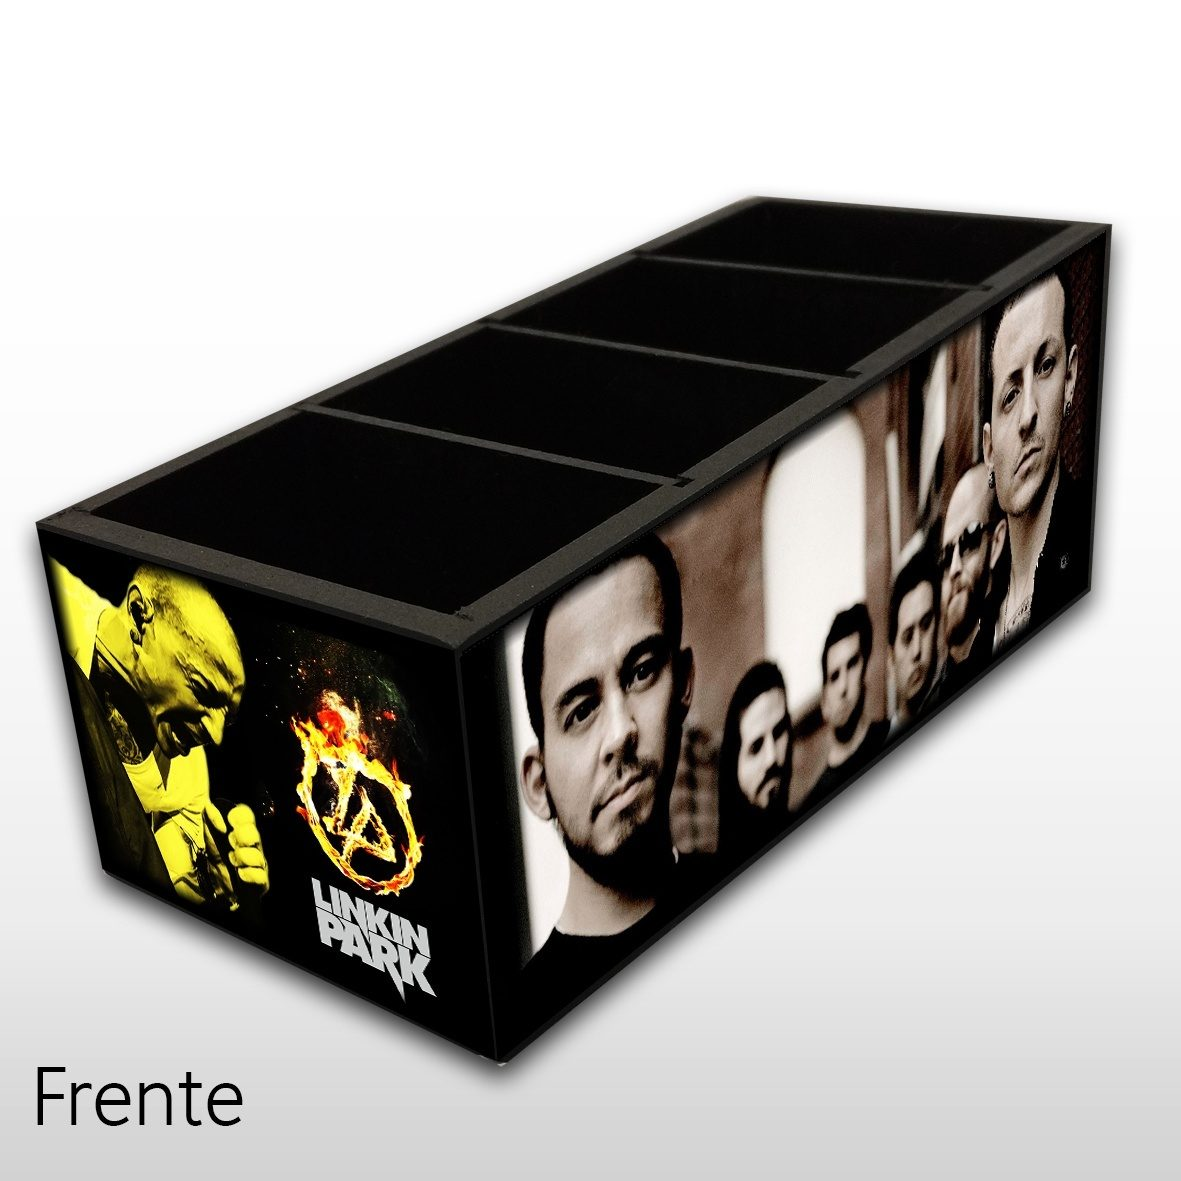 Porta Controle Remoto em Madeira MDF com 4 Espaços Mr. Rock Linkin Park